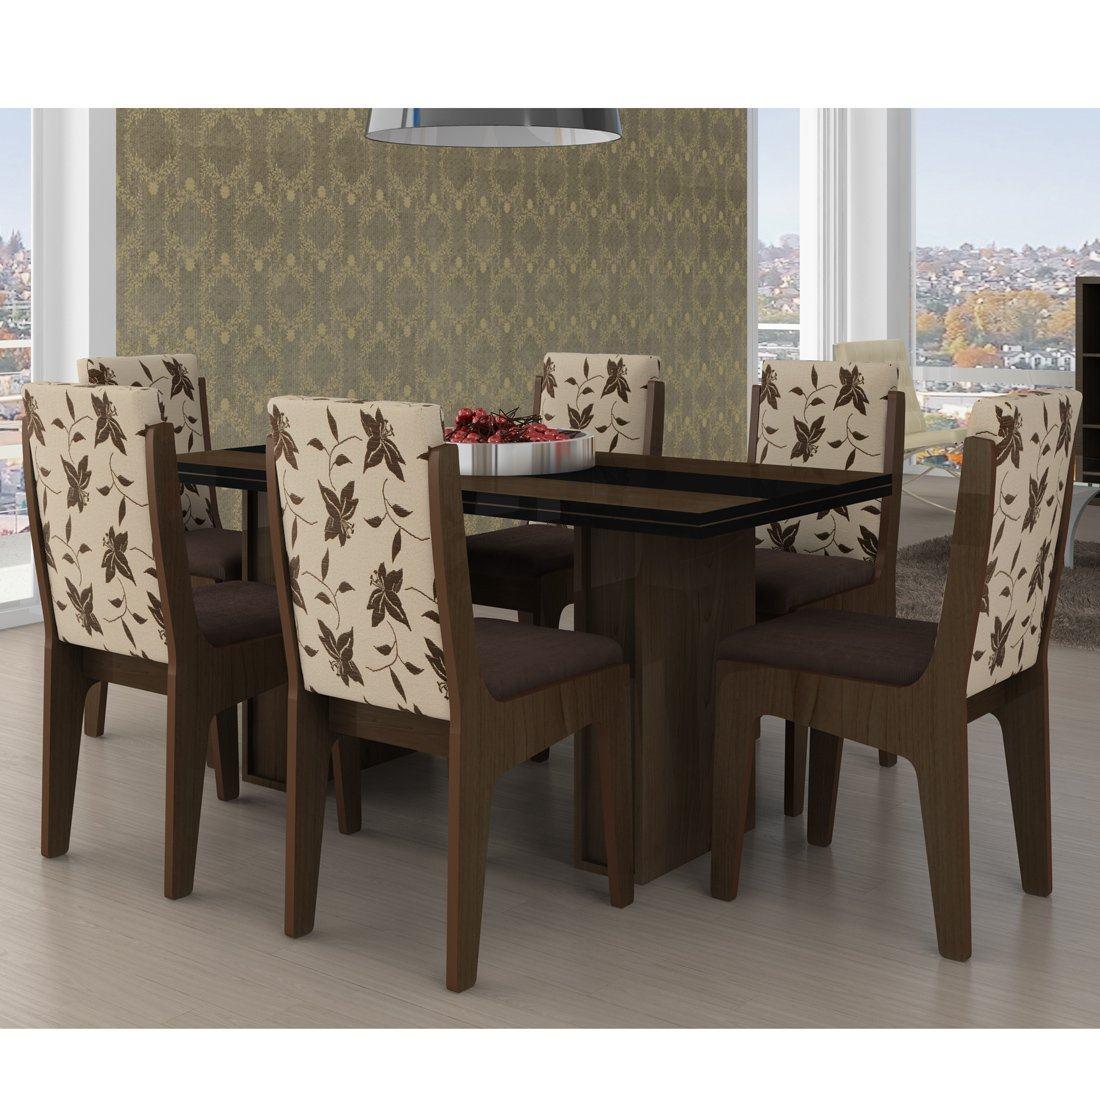 Mesa com seis cadeiras para sala de jantar Jet Dicas #31261E 1100x1100